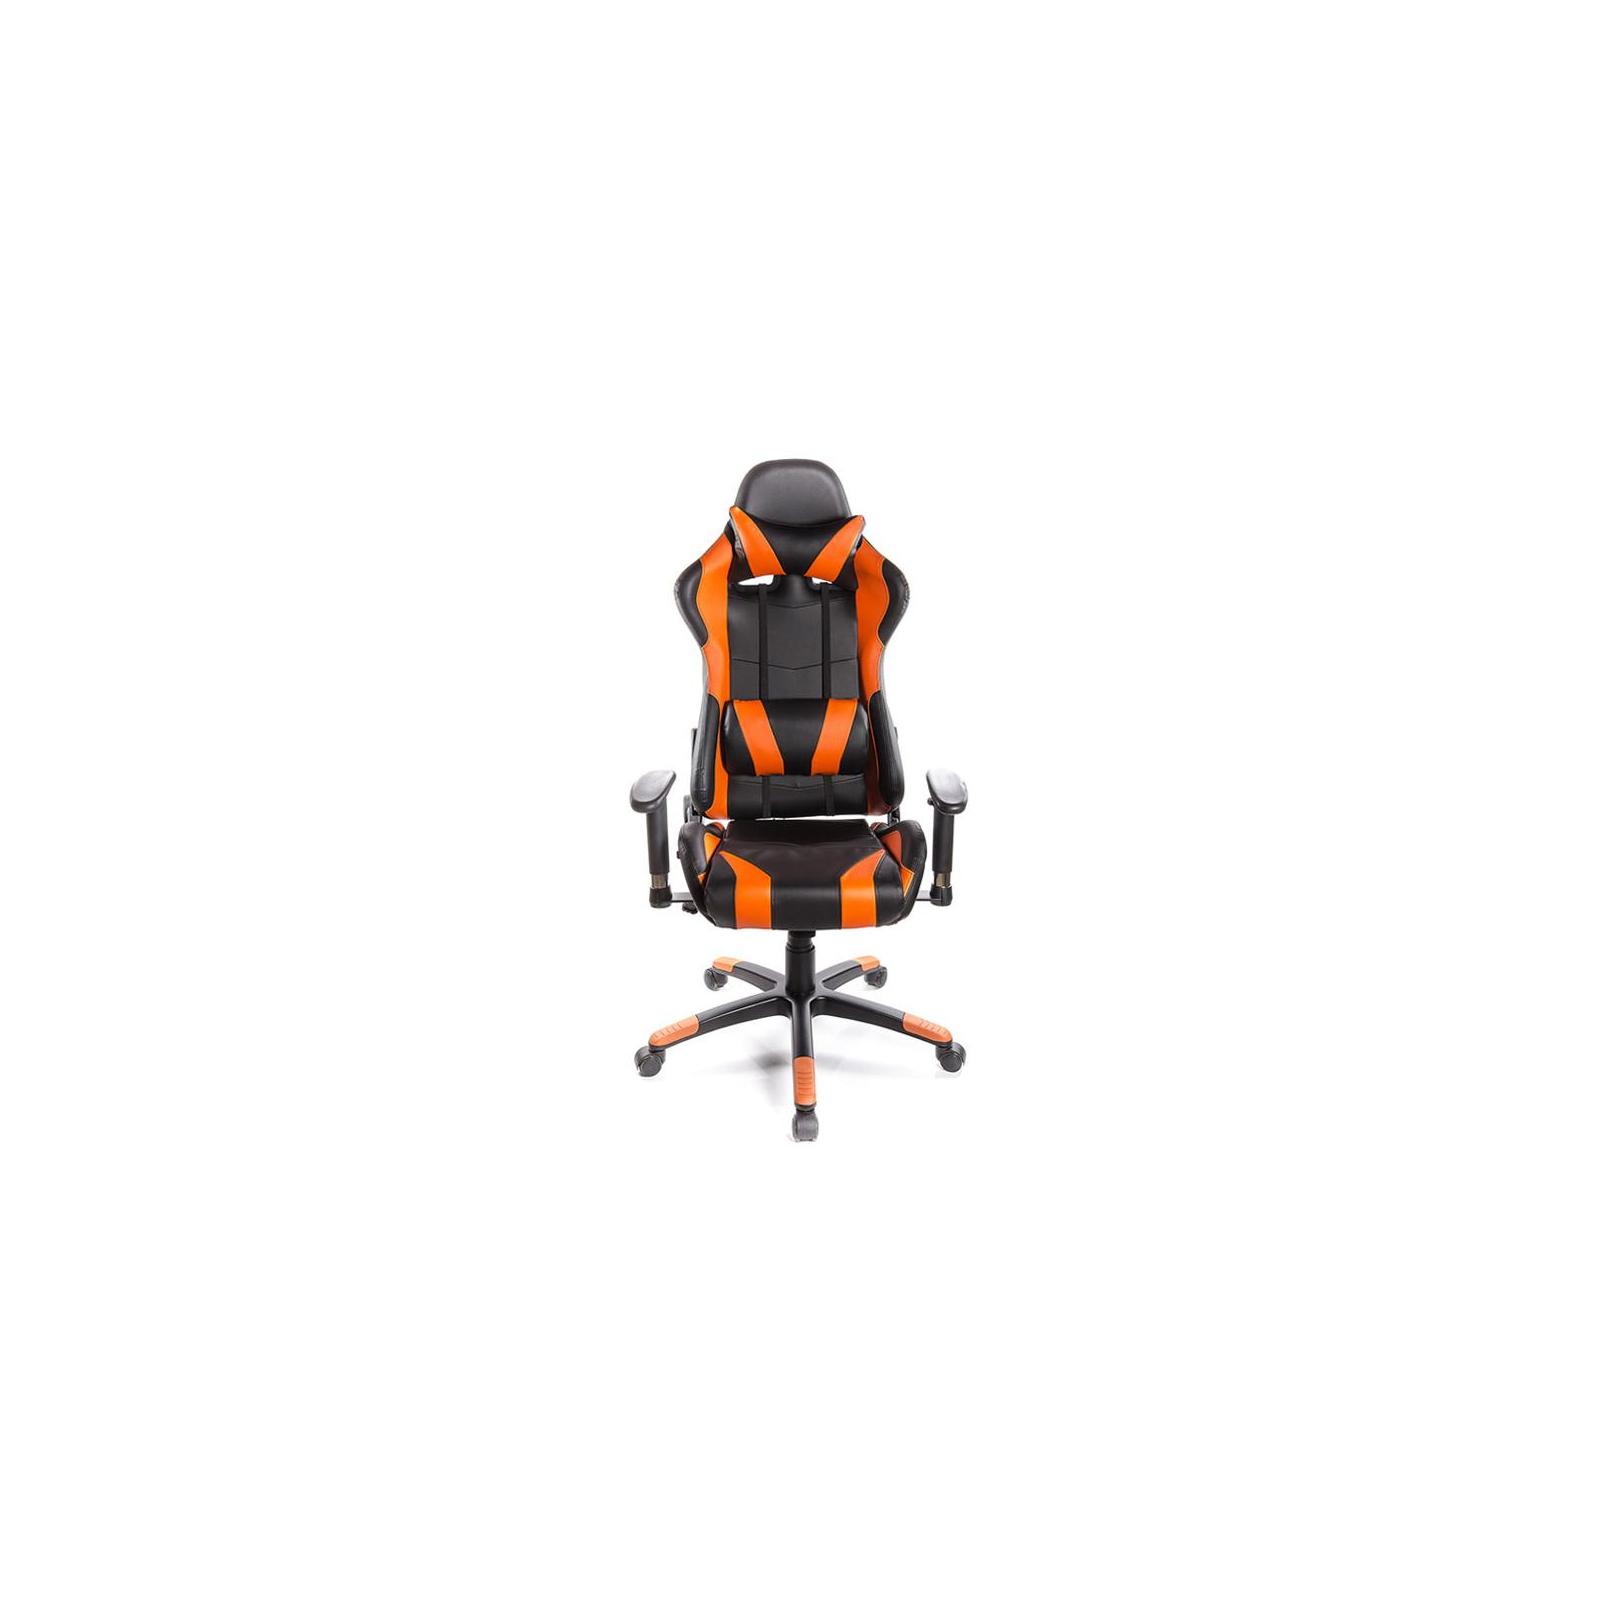 Кресло игровое АКЛАС Хорнет PL RL Оранжевое (06155) изображение 2